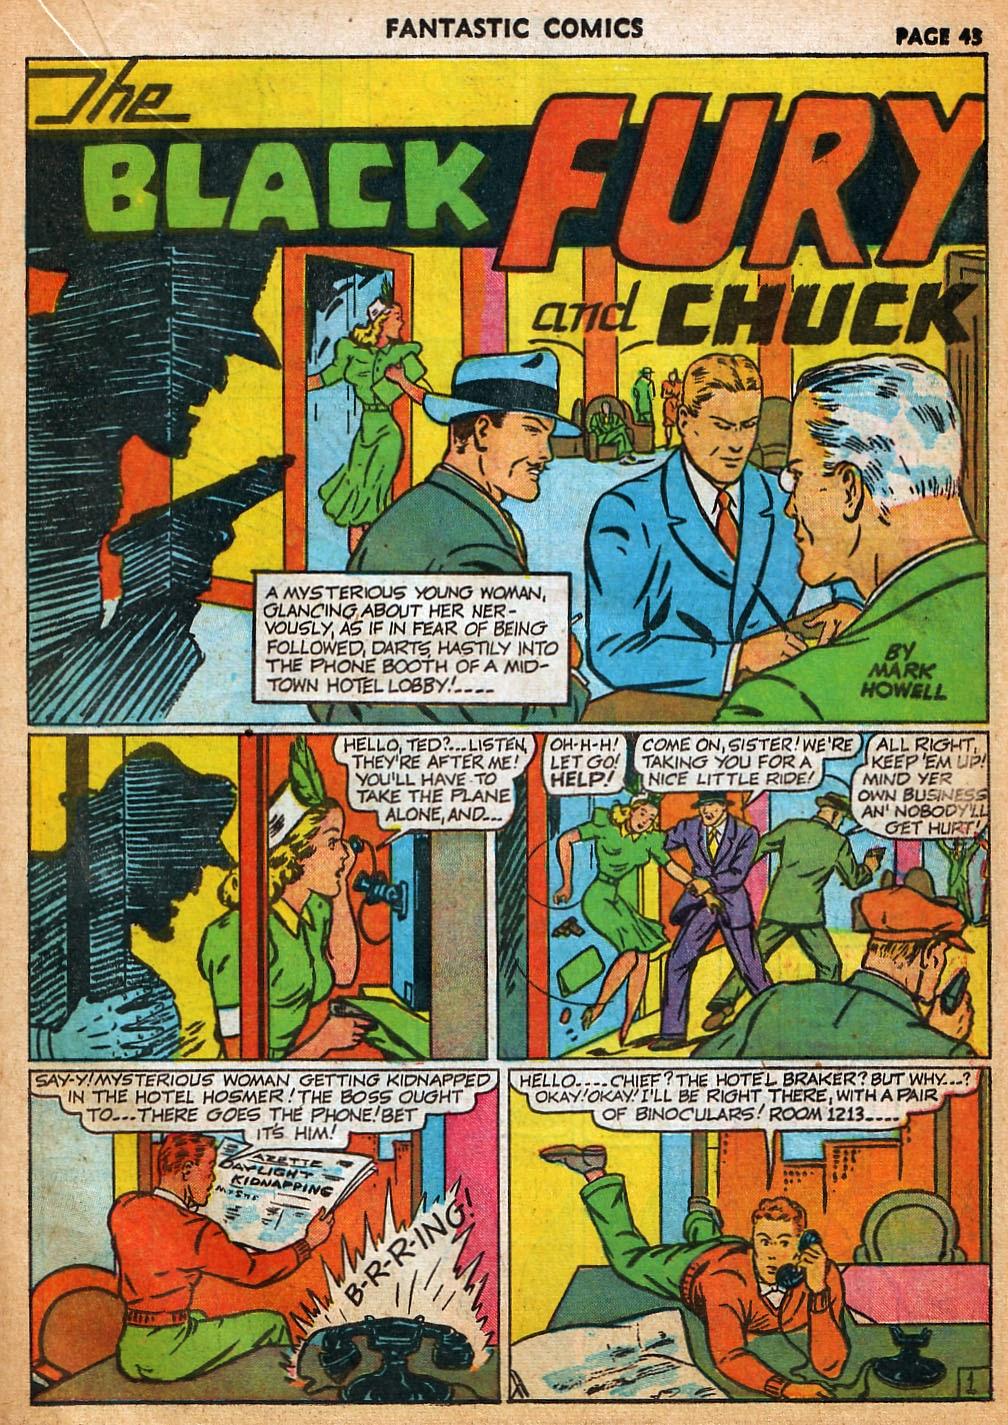 Read online Fantastic Comics comic -  Issue #22 - 44